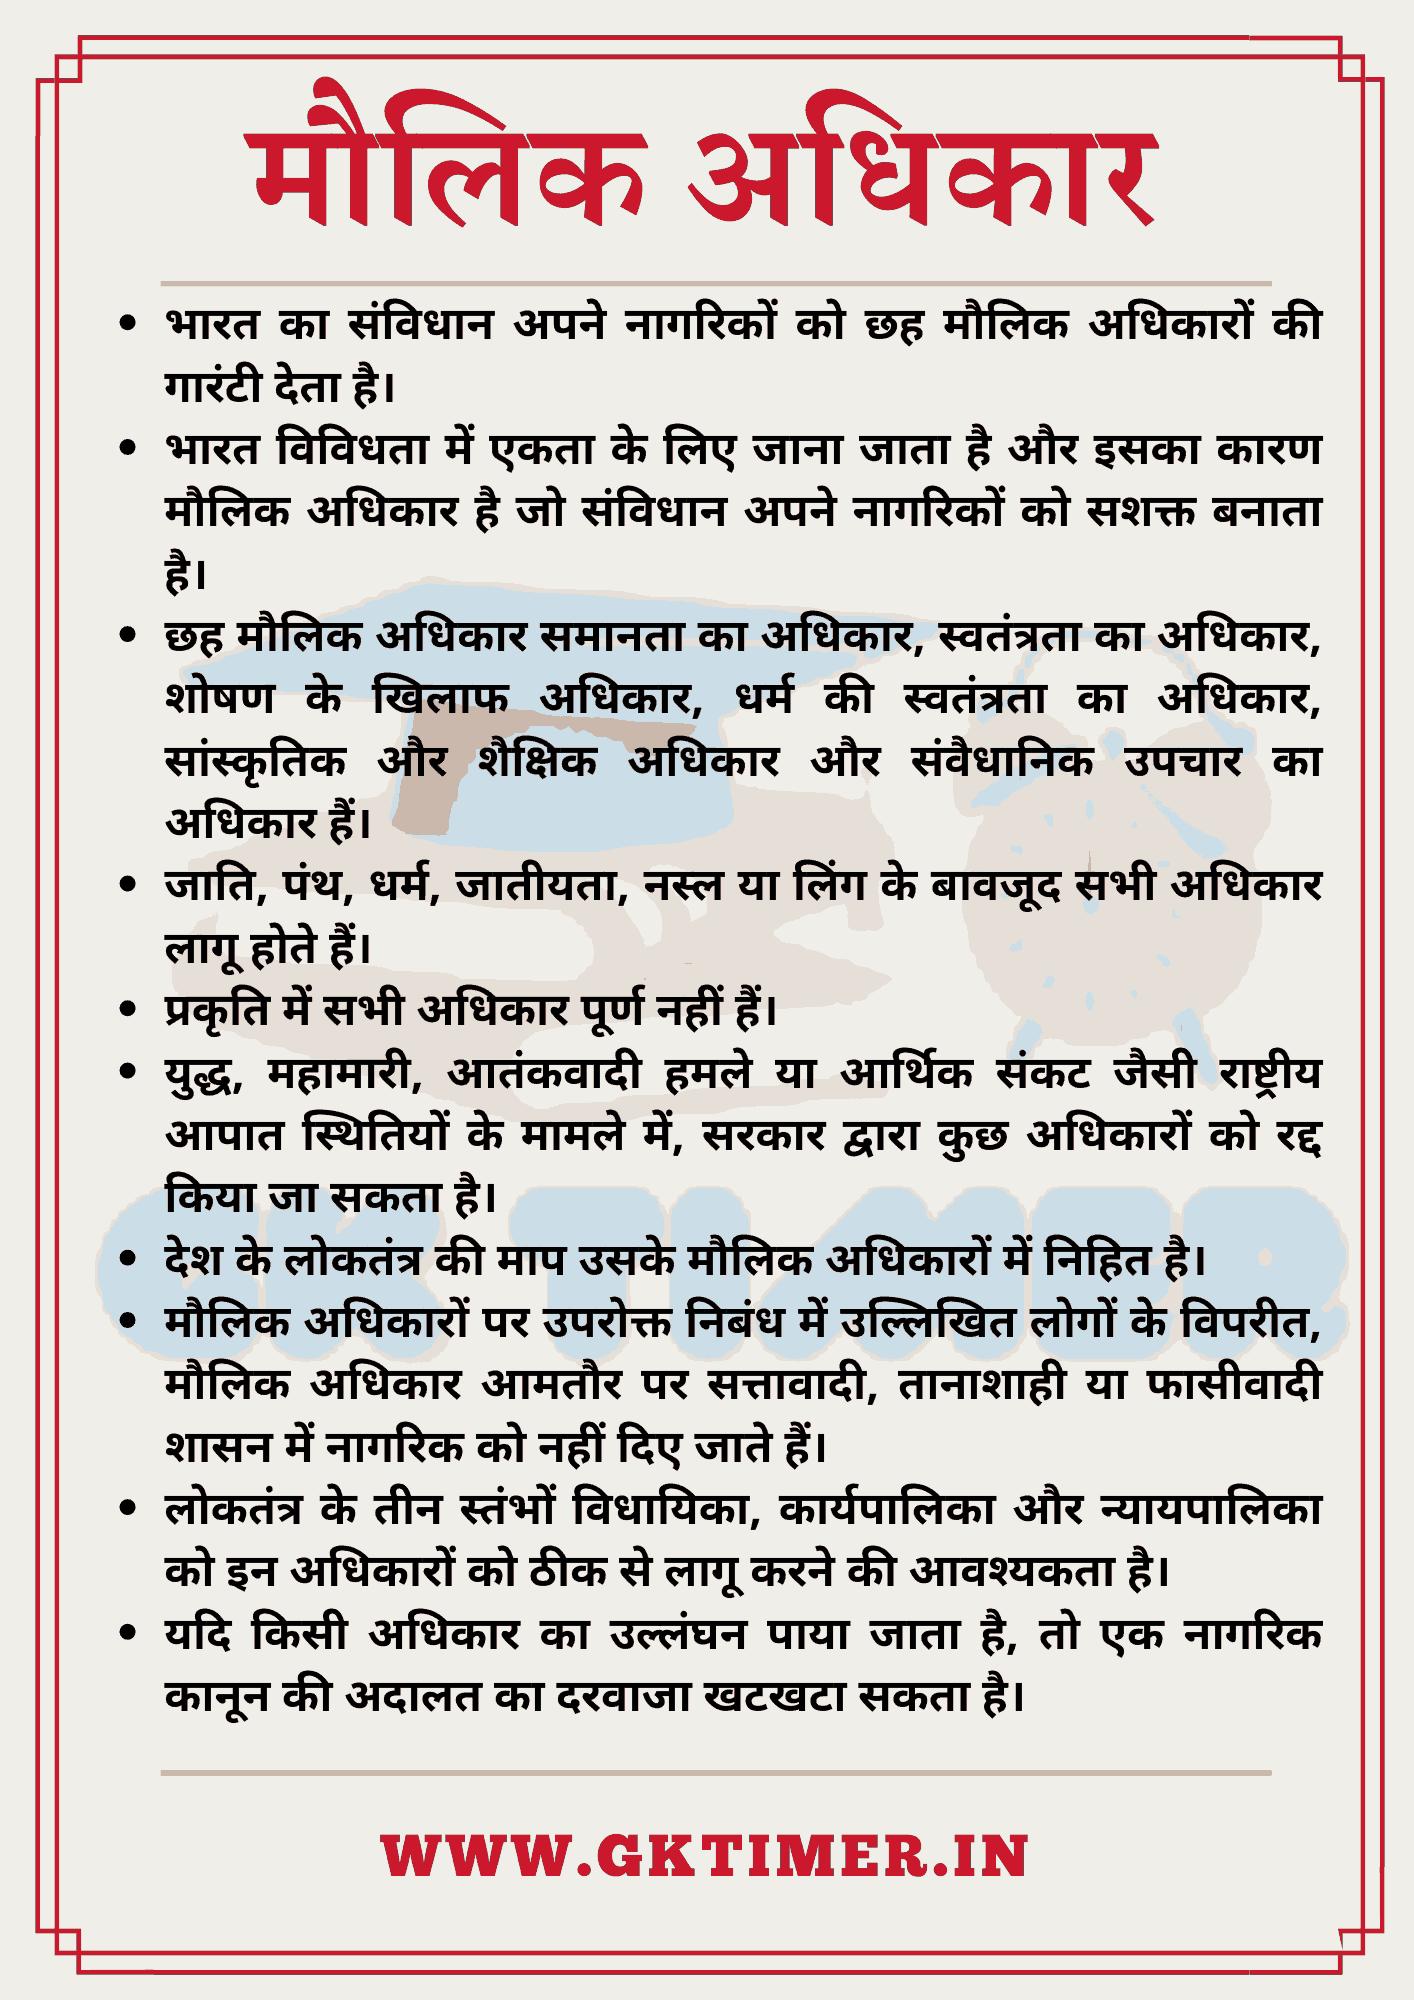 मौलिक अधिकारों पर निबंध | Essay on Fundamental Rights in Hindi | 10 Lines on Fundamental Rights in Hindi